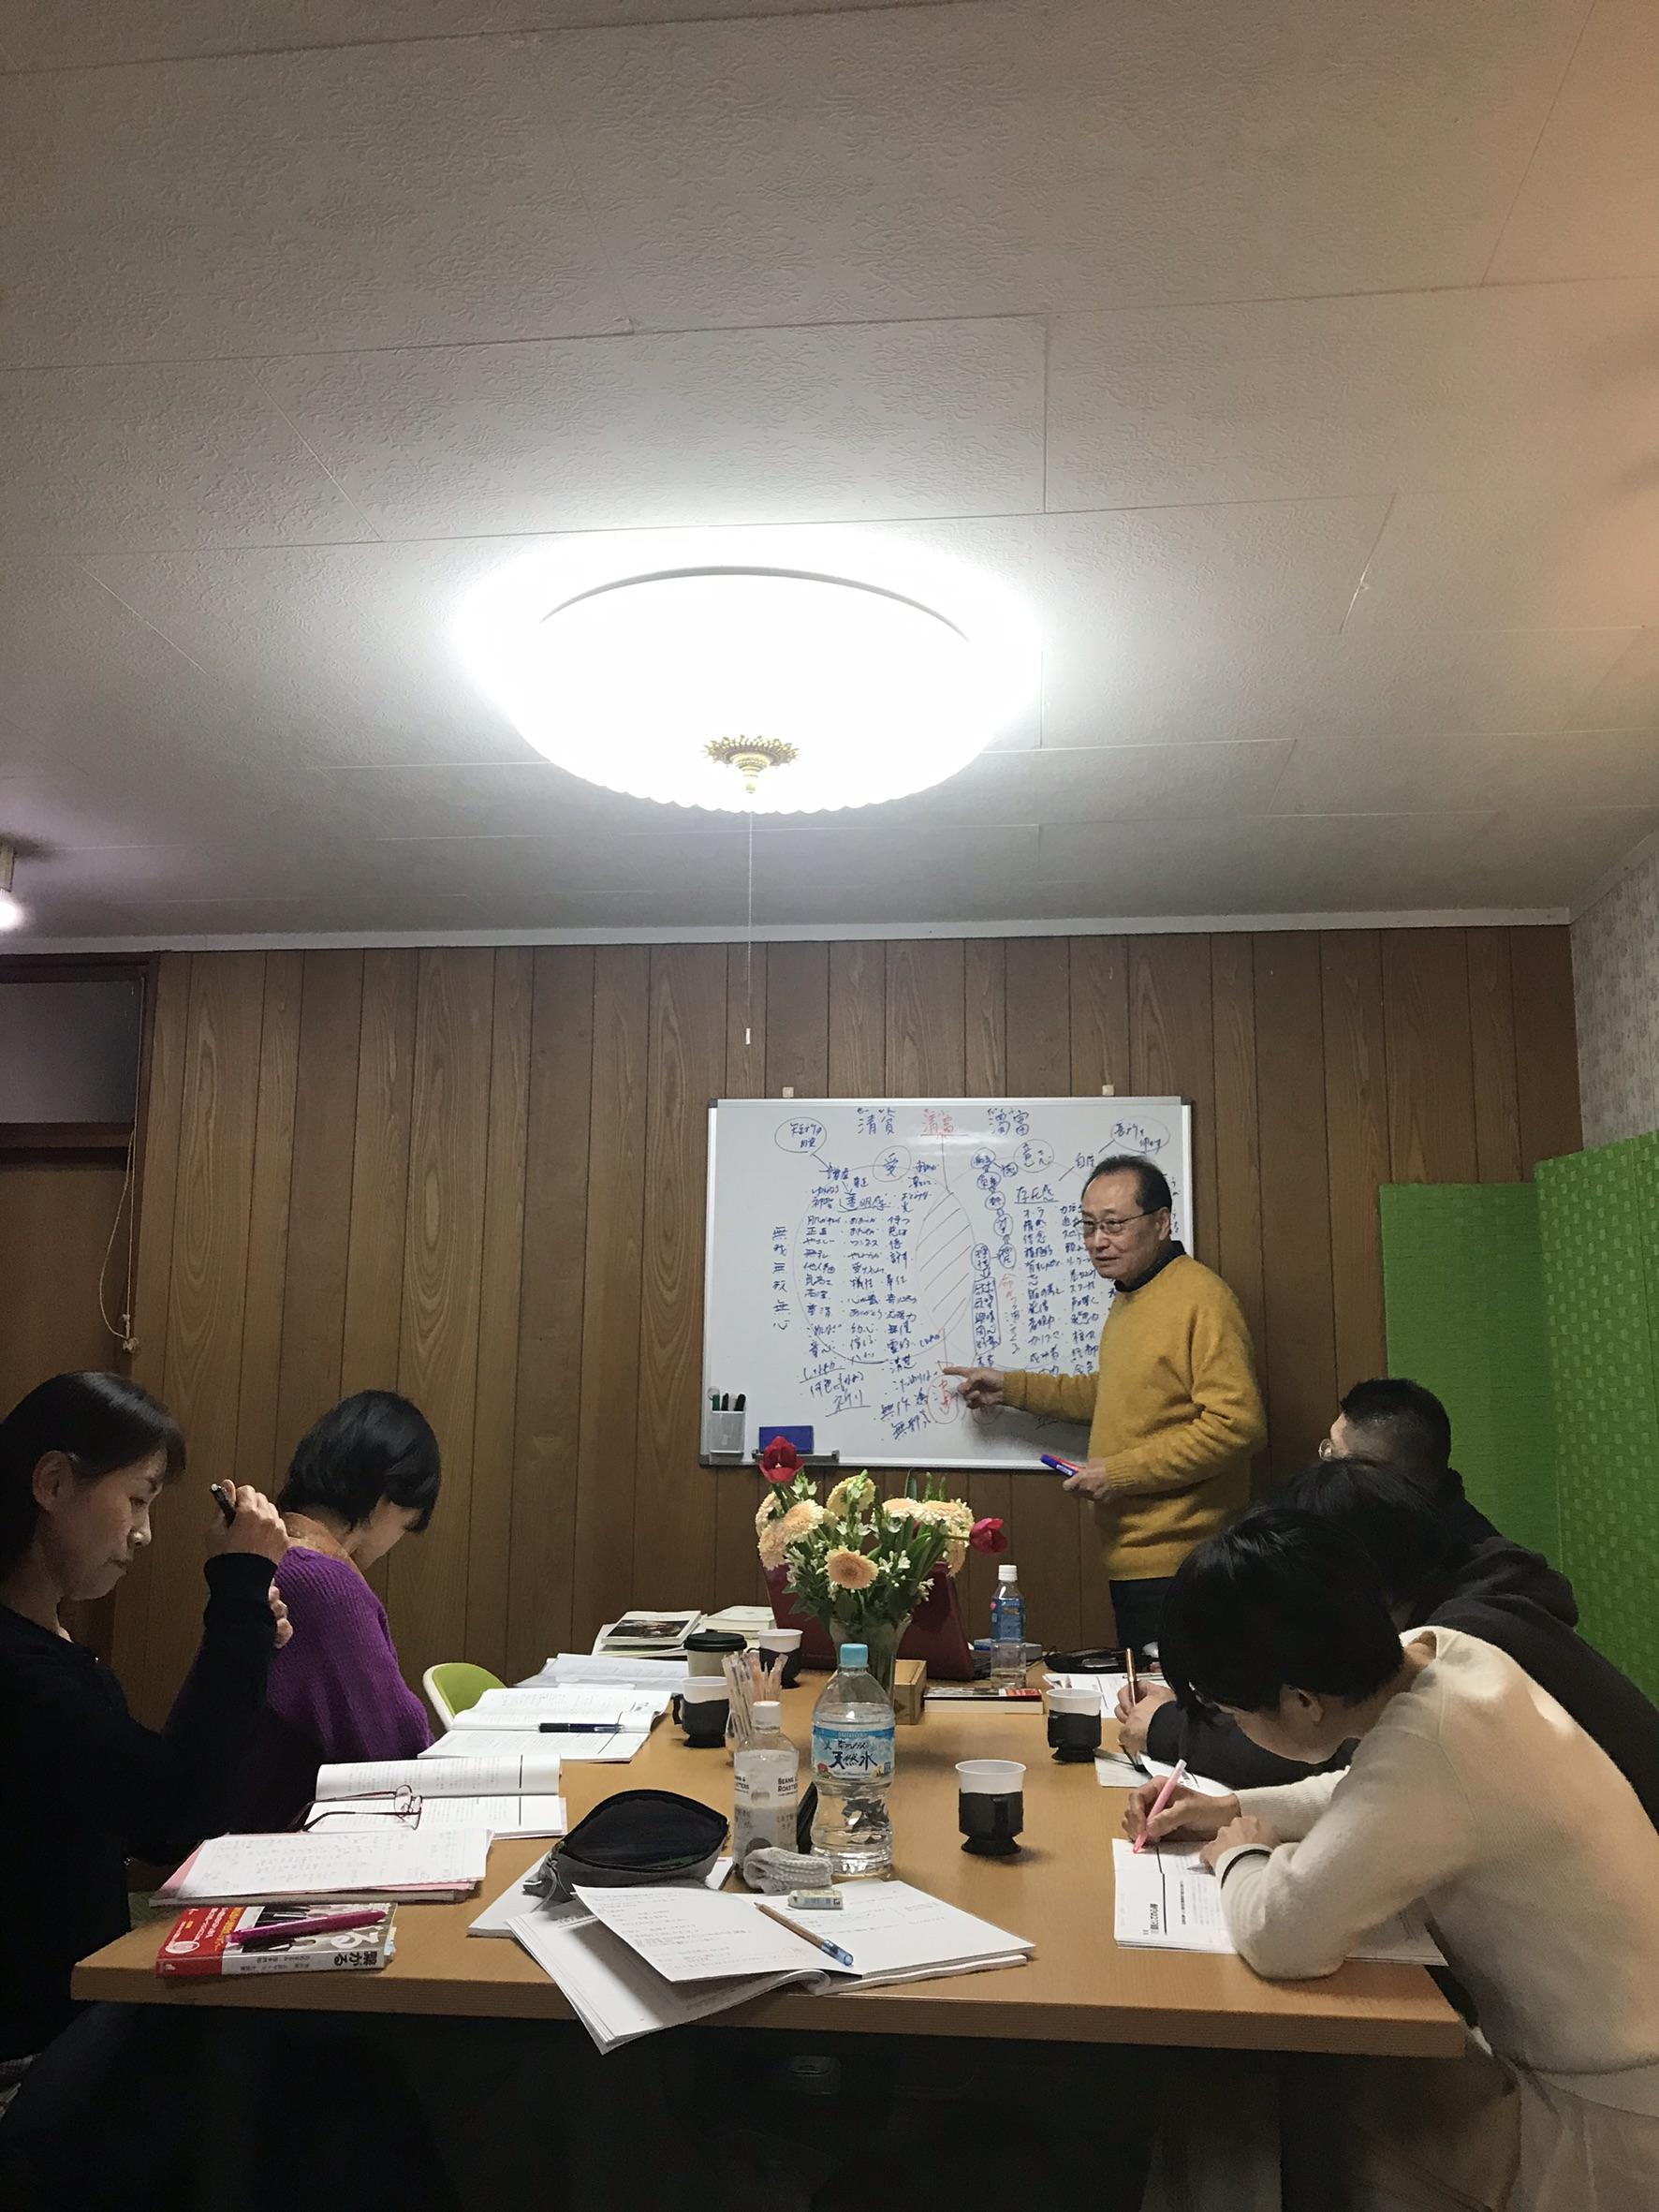 S  19570697 - 2020年1月11日胎内記憶教育協会講師養成講座の第6期、第1第2講座開催